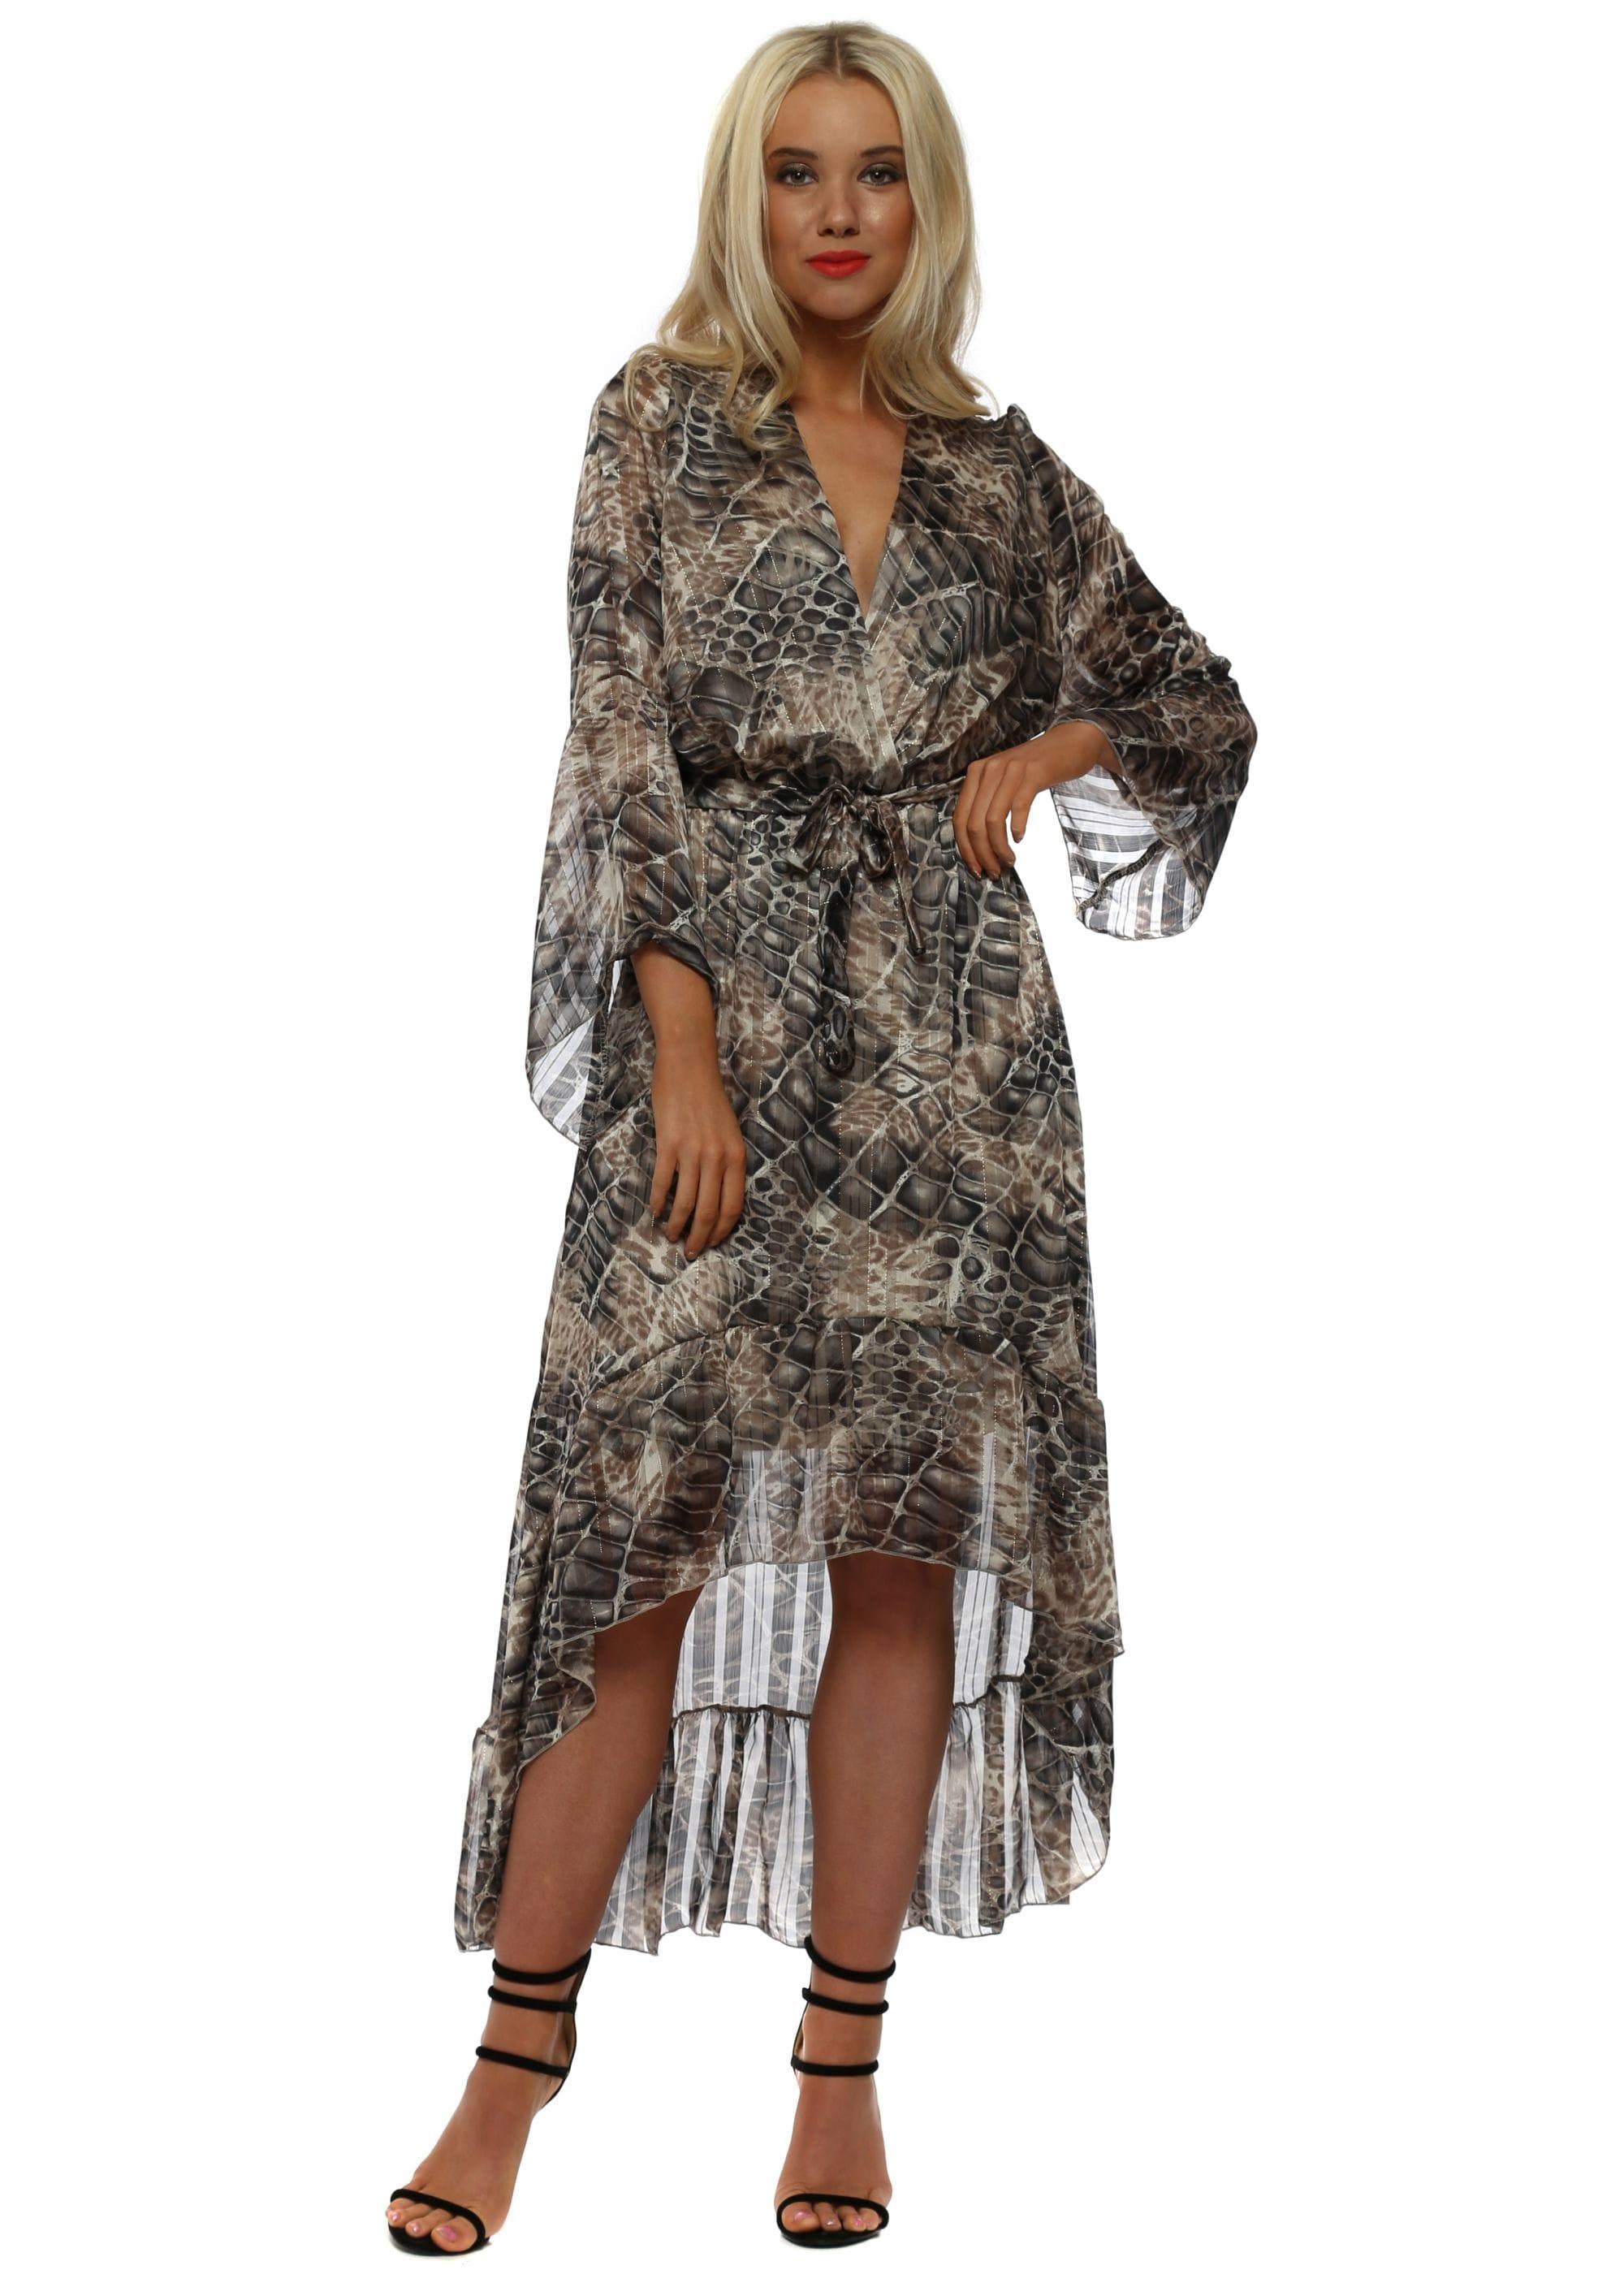 Brown Moc Croc Print High Low Wrap Dress